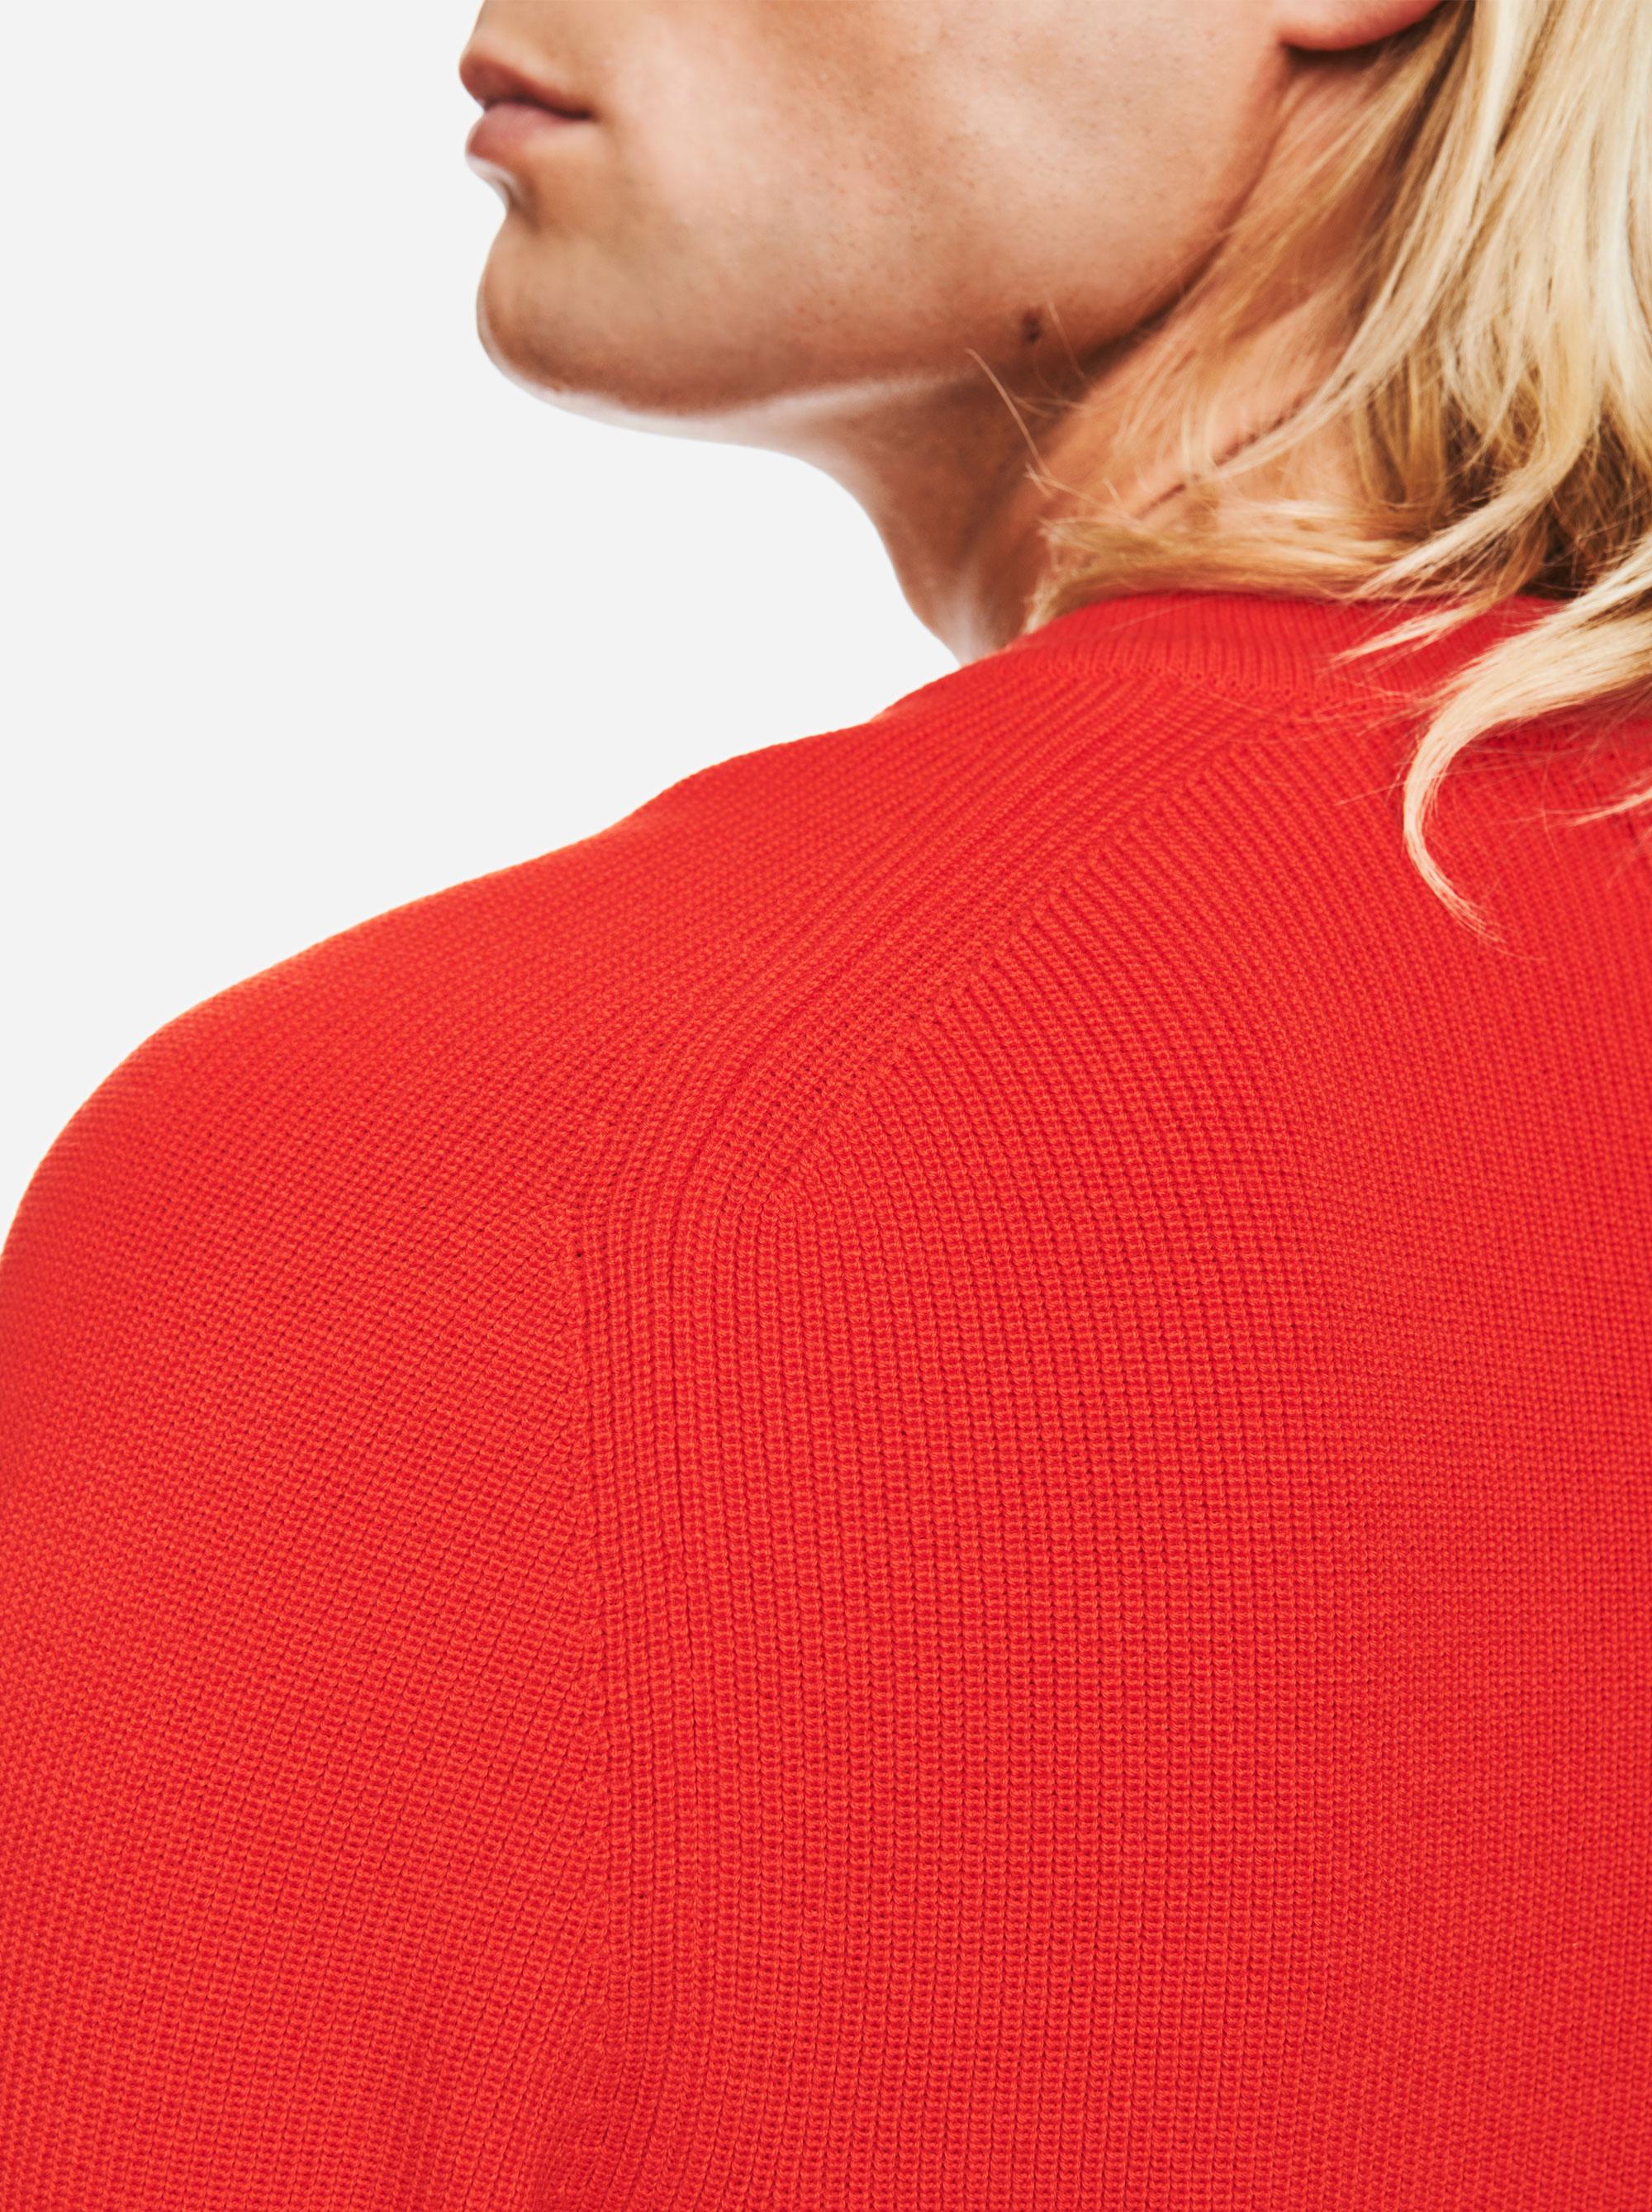 Teym - V-Neck - The Merino Sweater - Men - Red - 3